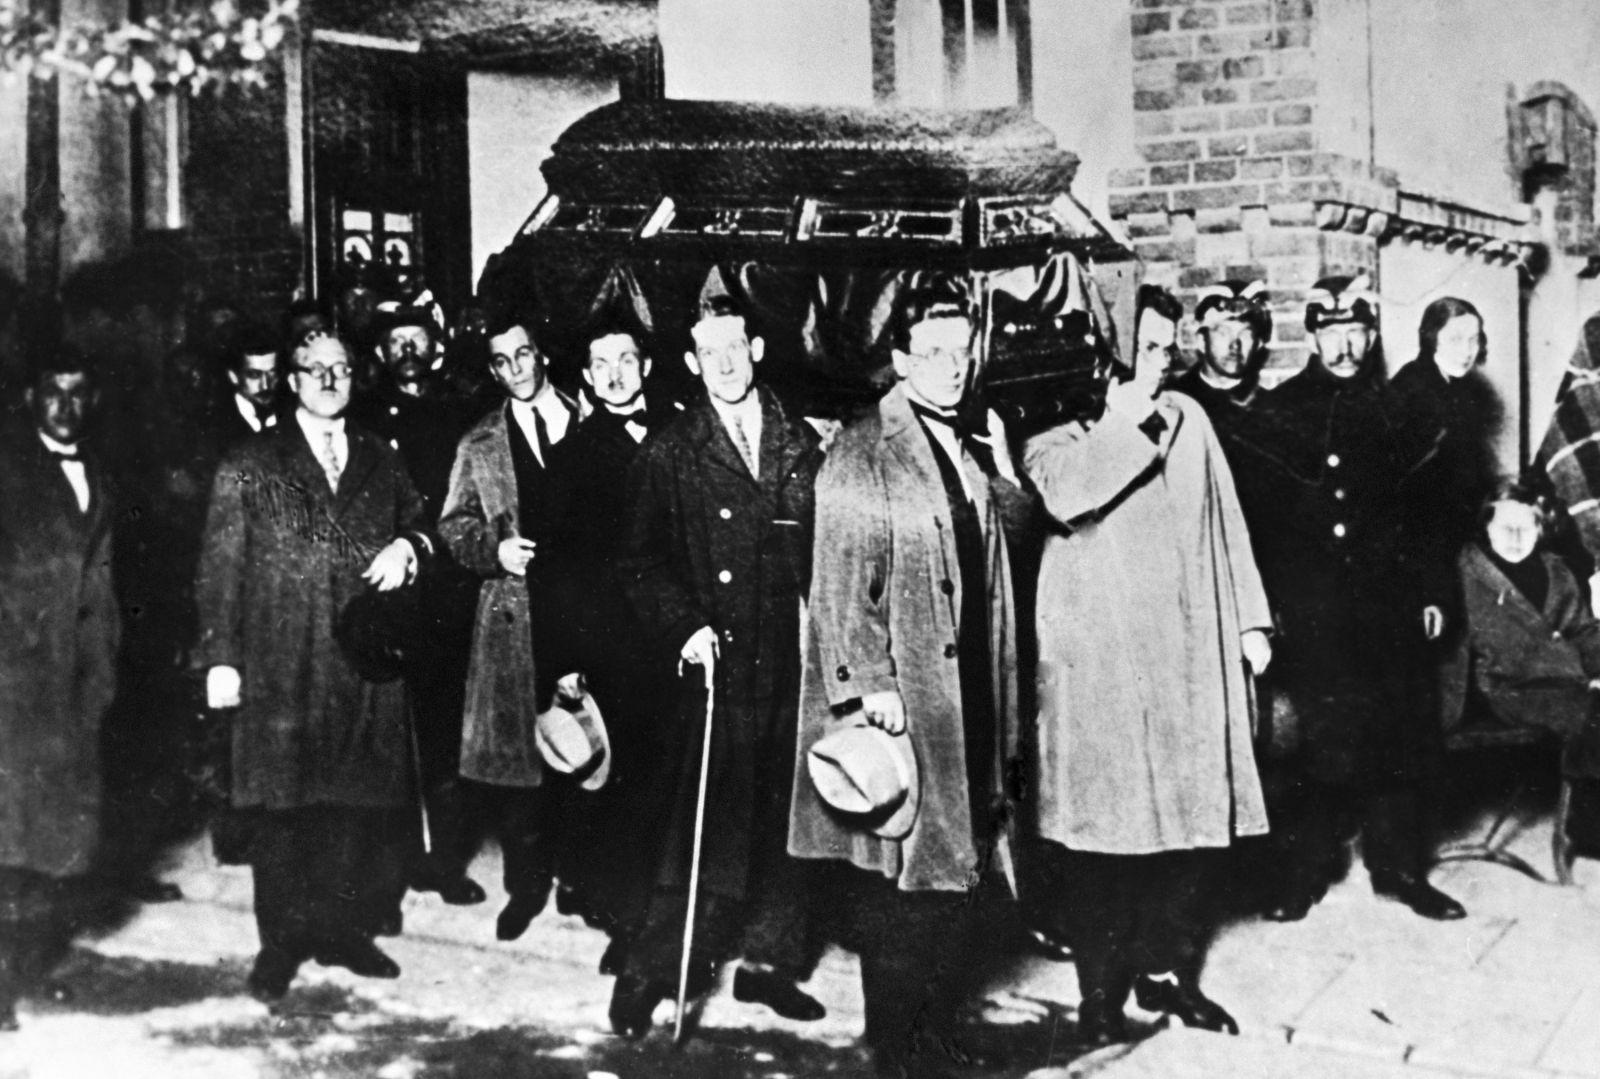 1927. Варшавские проводы. Гроб с забальзамированным телом Войкова выносят из госпиталя Младенца Иисуса для отправки на вокзал